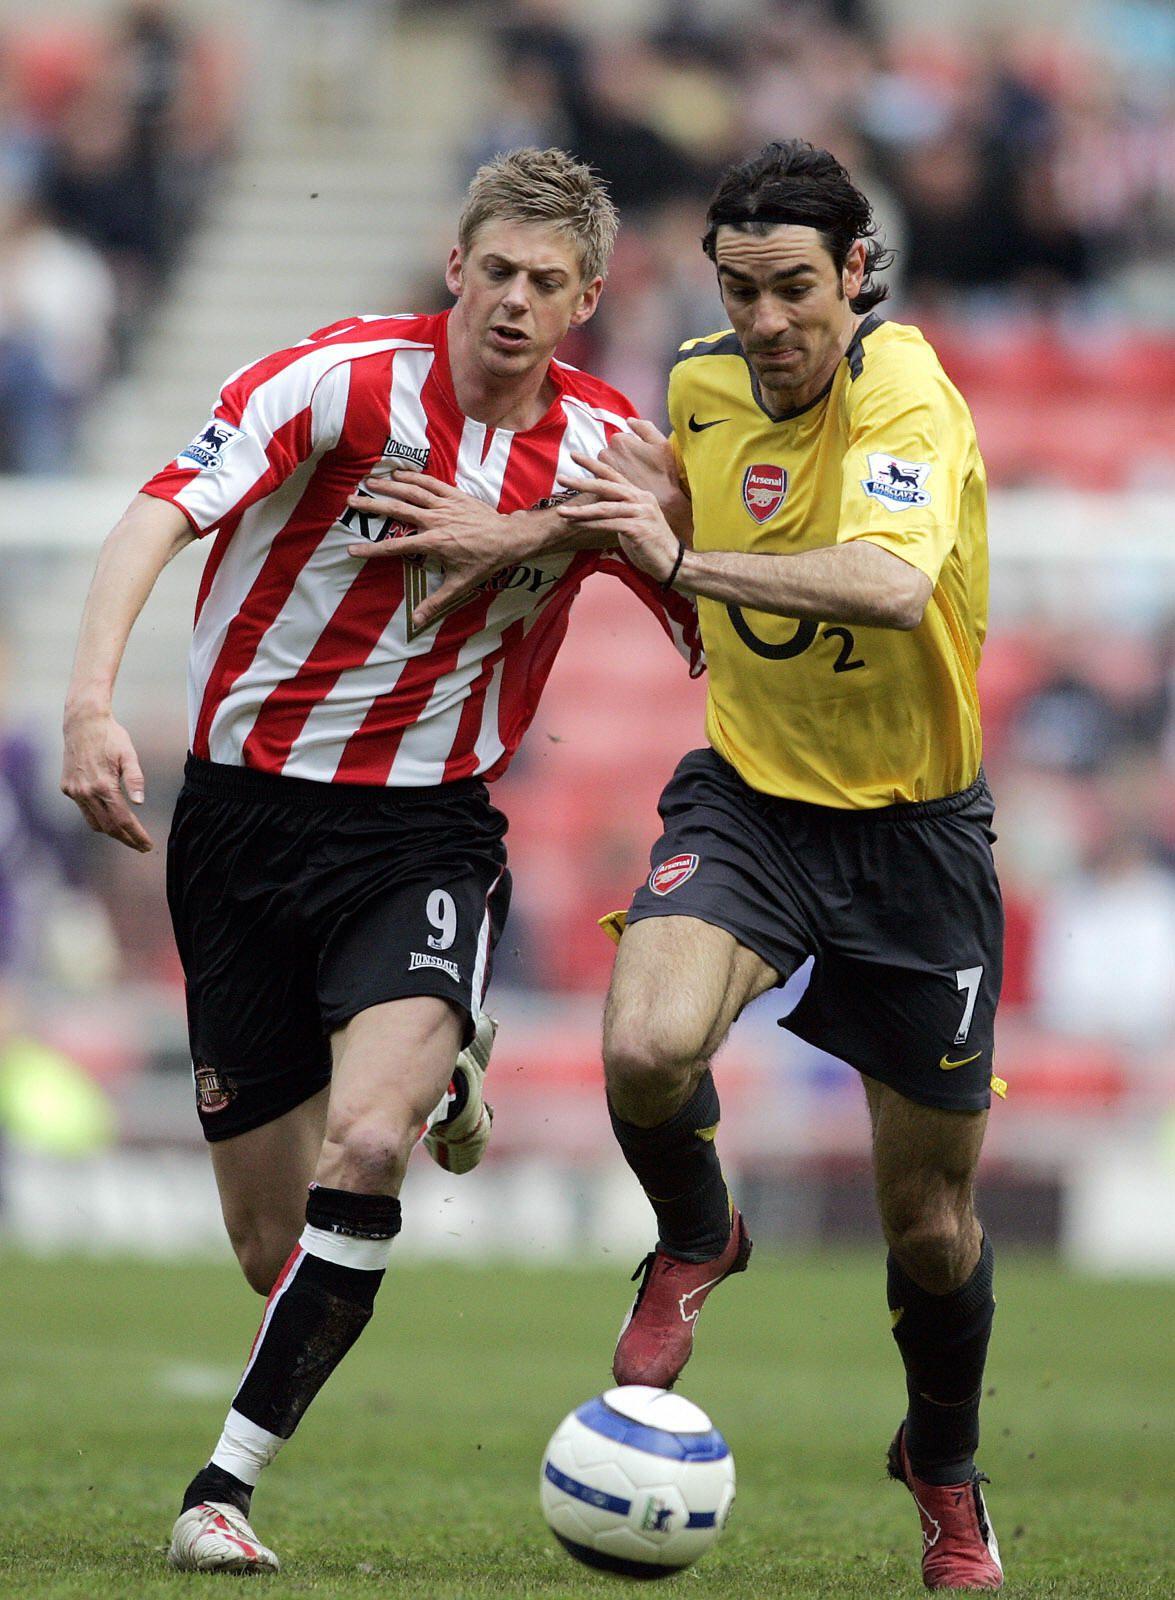 Sunderland's Jonathan Stead (L) battles